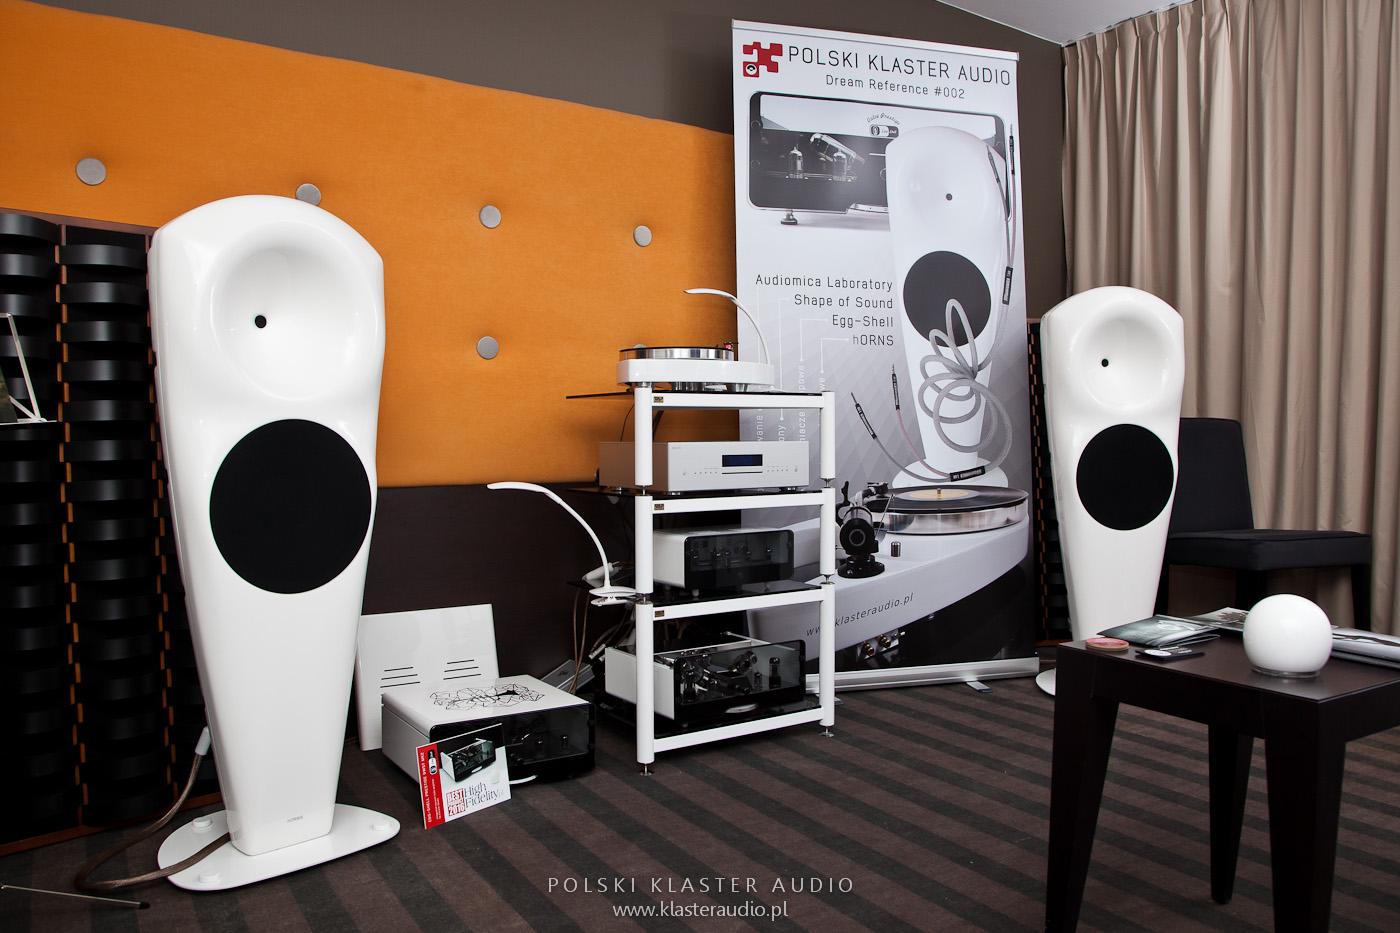 Polski Klaster Audio sprzedaż zestawów stereo